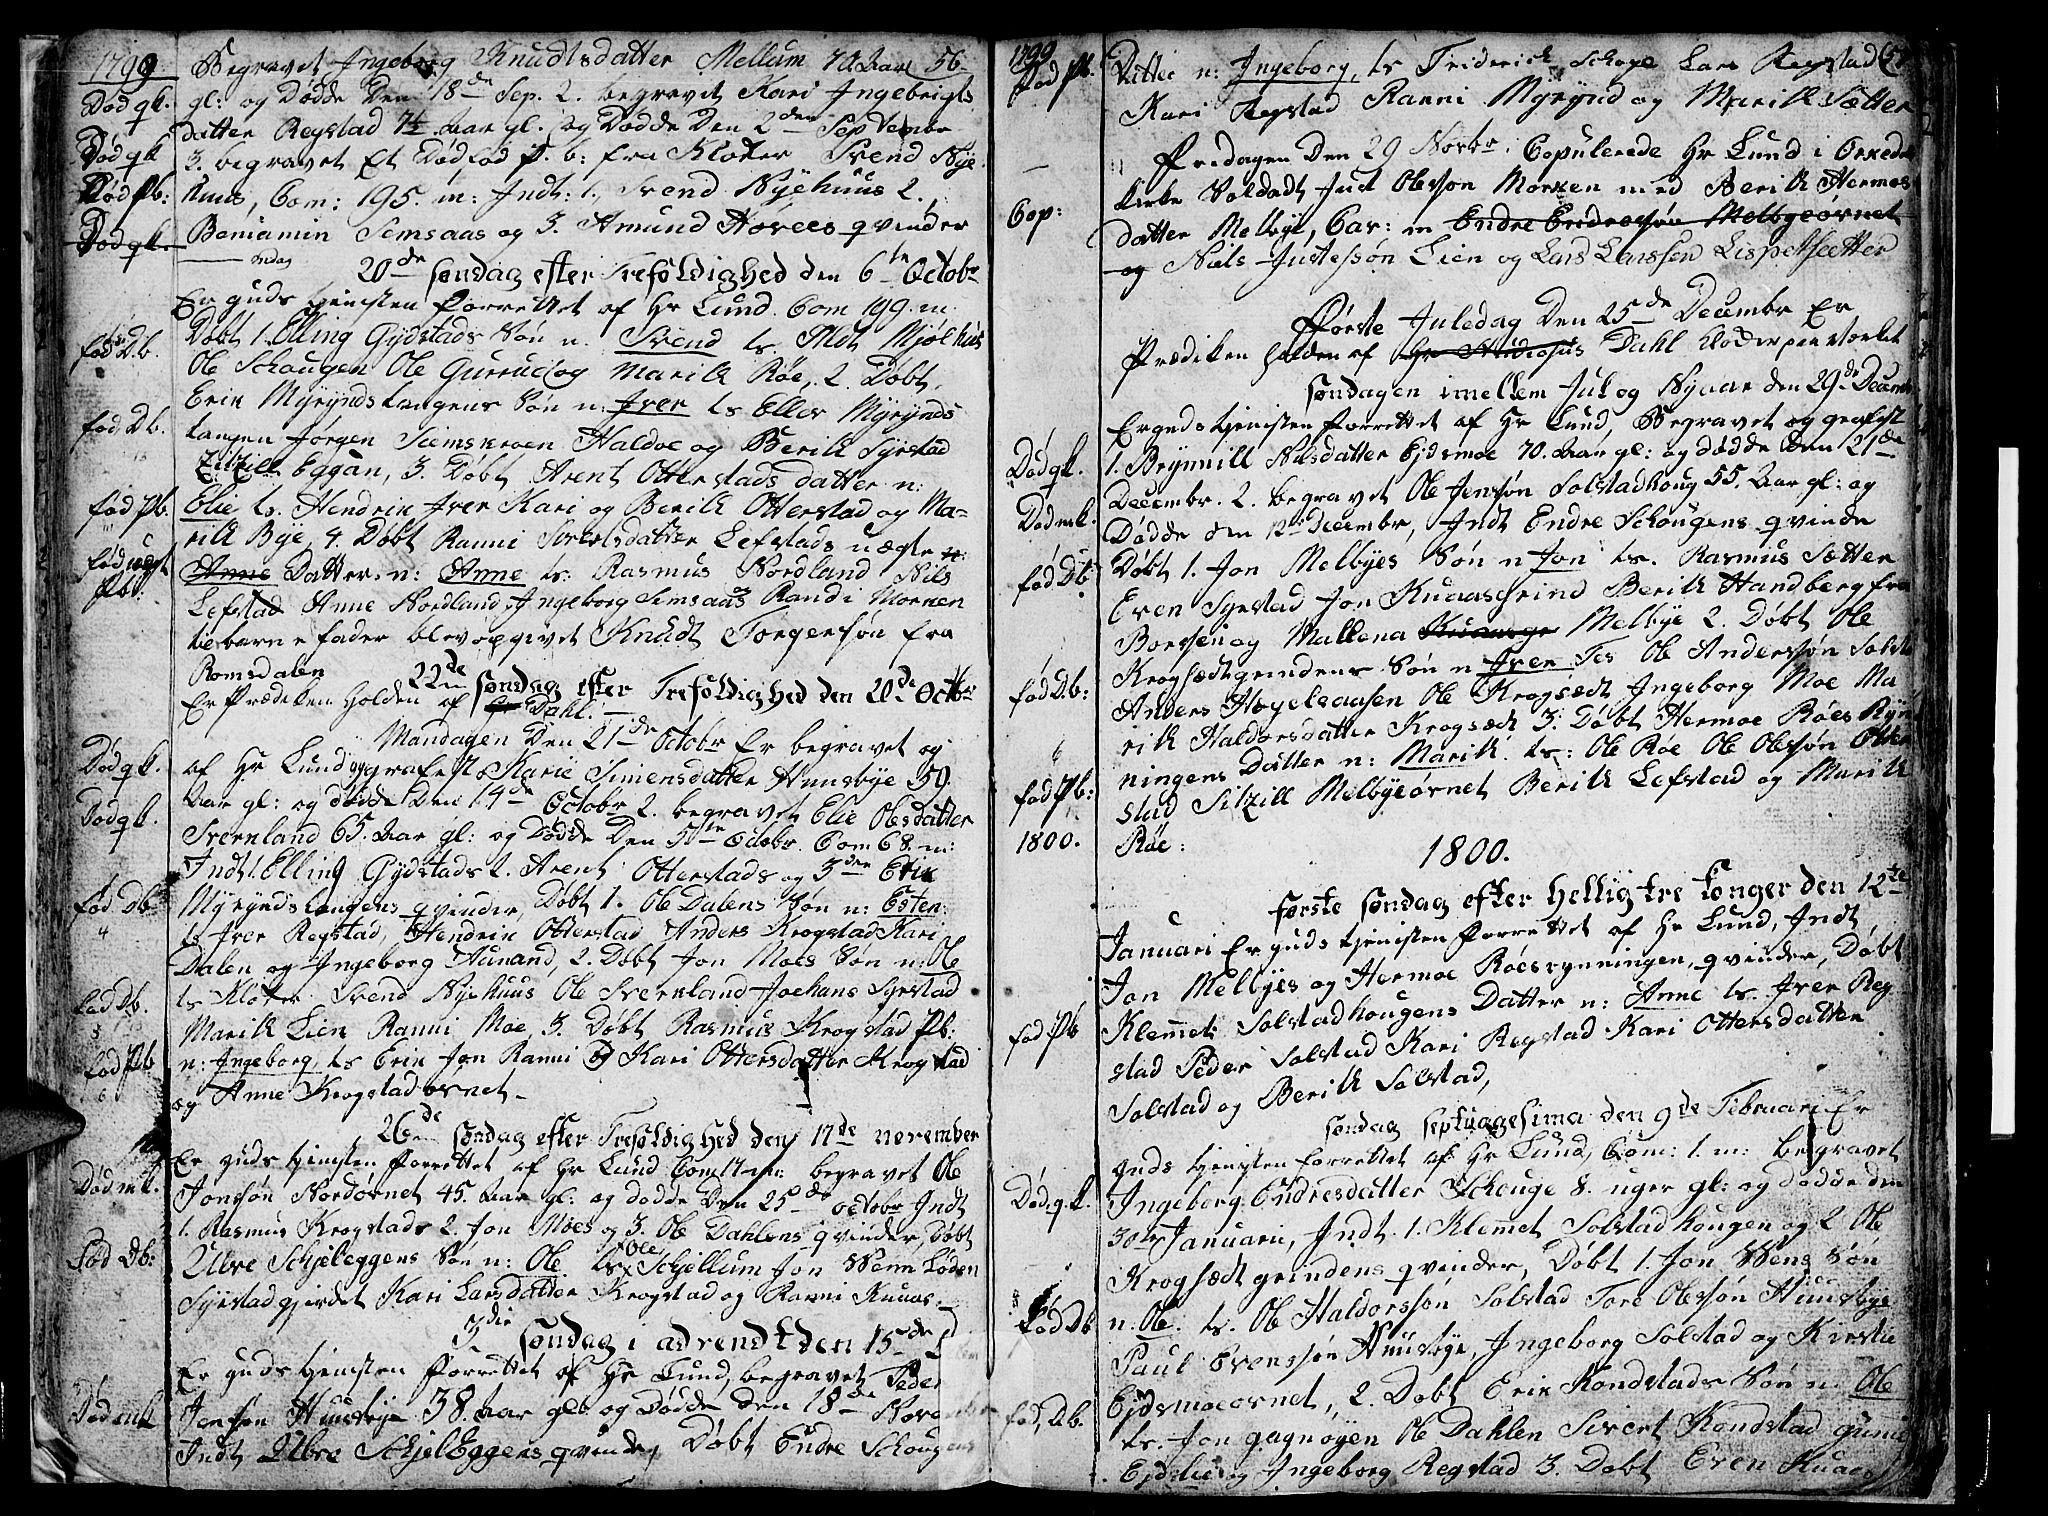 SAT, Ministerialprotokoller, klokkerbøker og fødselsregistre - Sør-Trøndelag, 667/L0794: Ministerialbok nr. 667A02, 1791-1816, s. 56-57